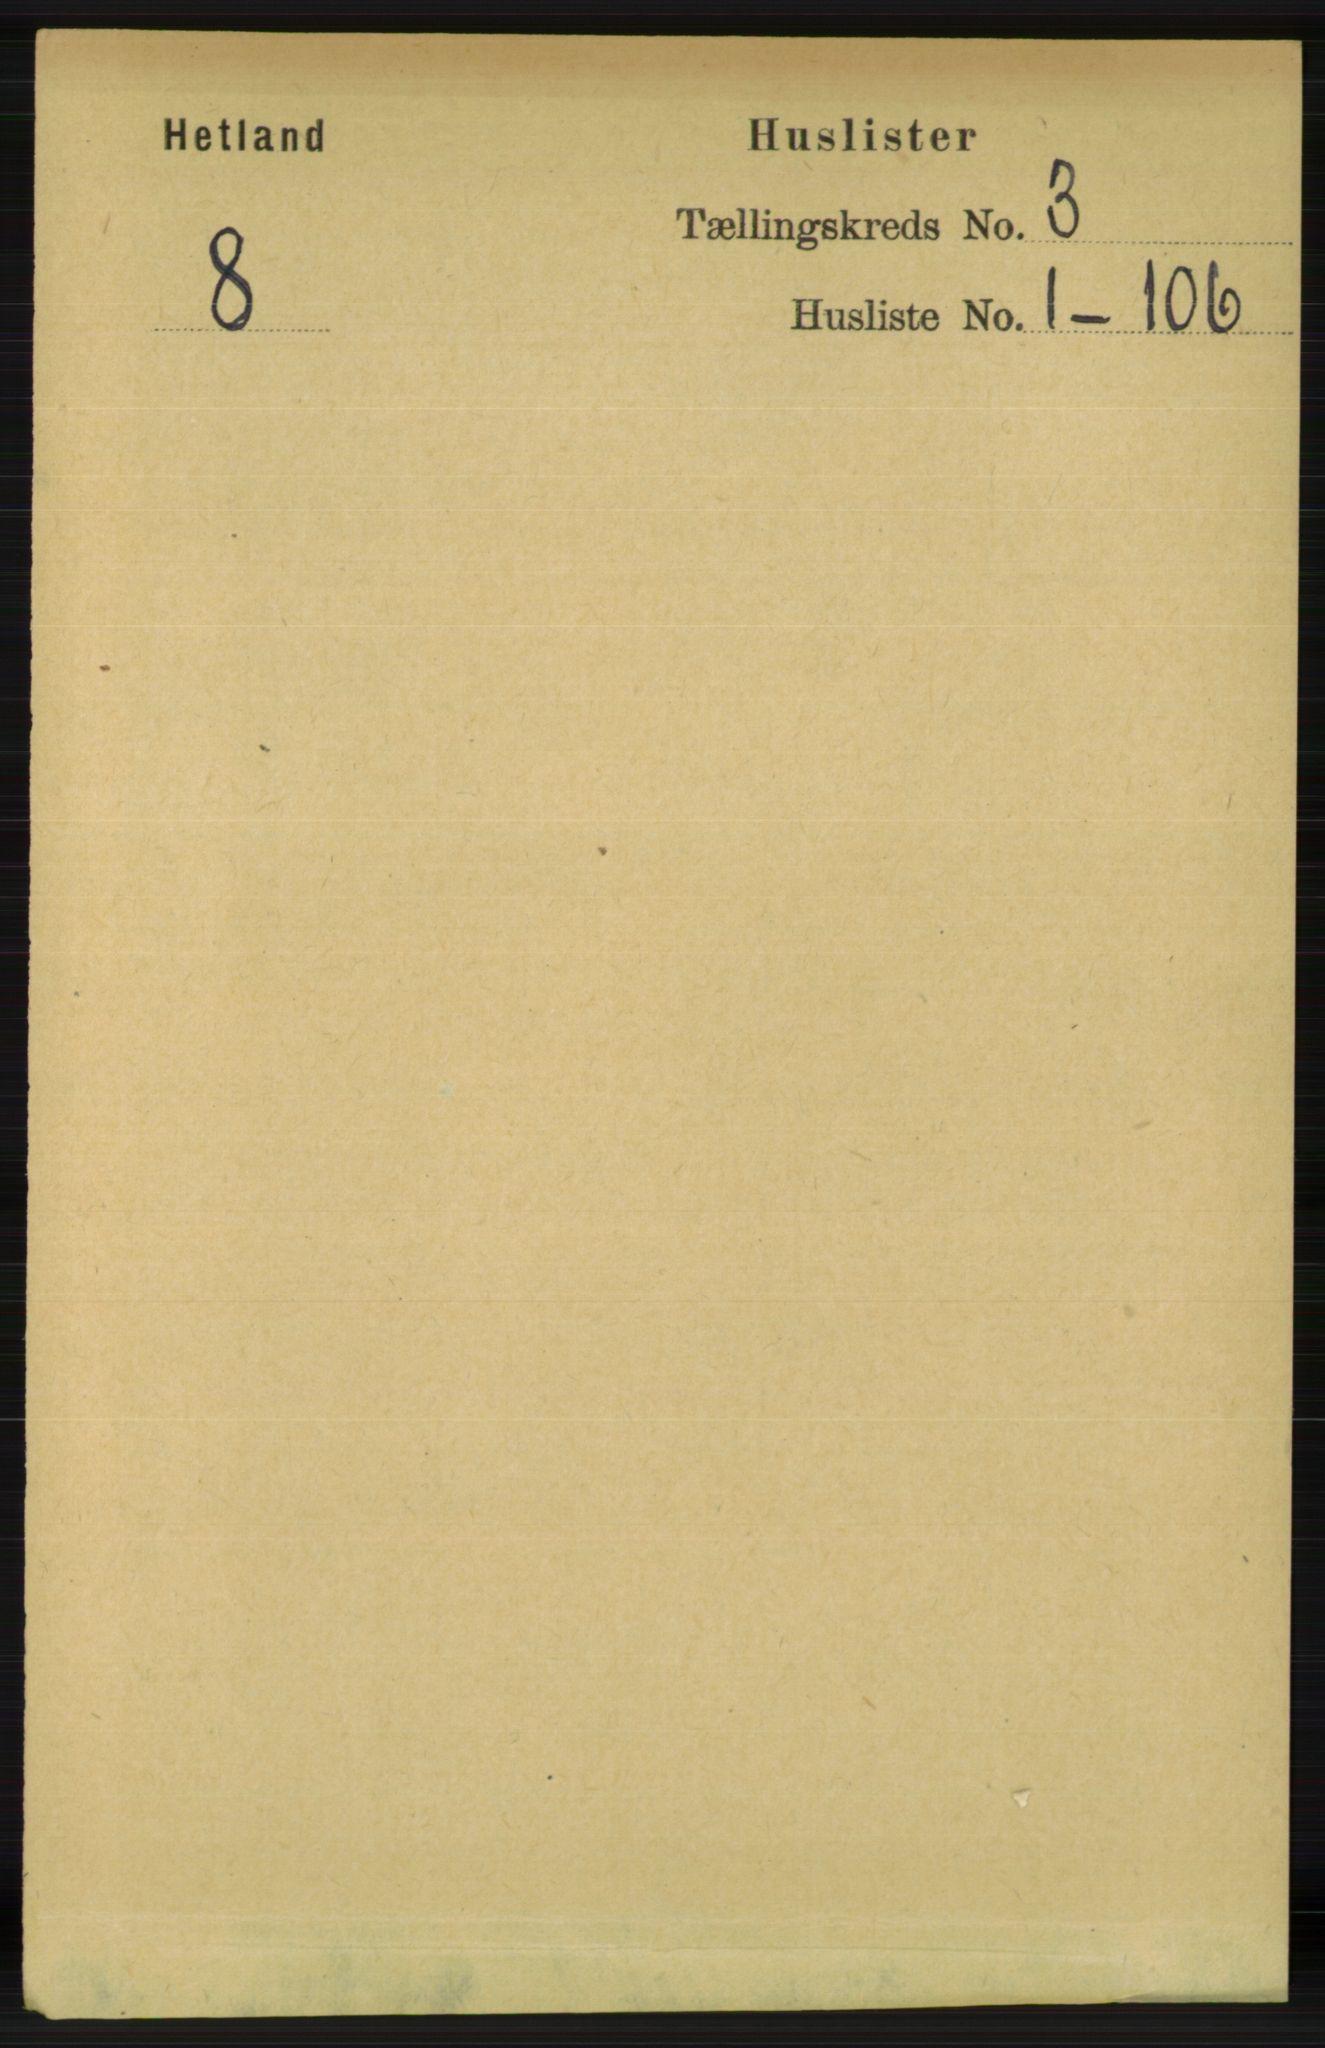 RA, Folketelling 1891 for 1126 Hetland herred, 1891, s. 1030